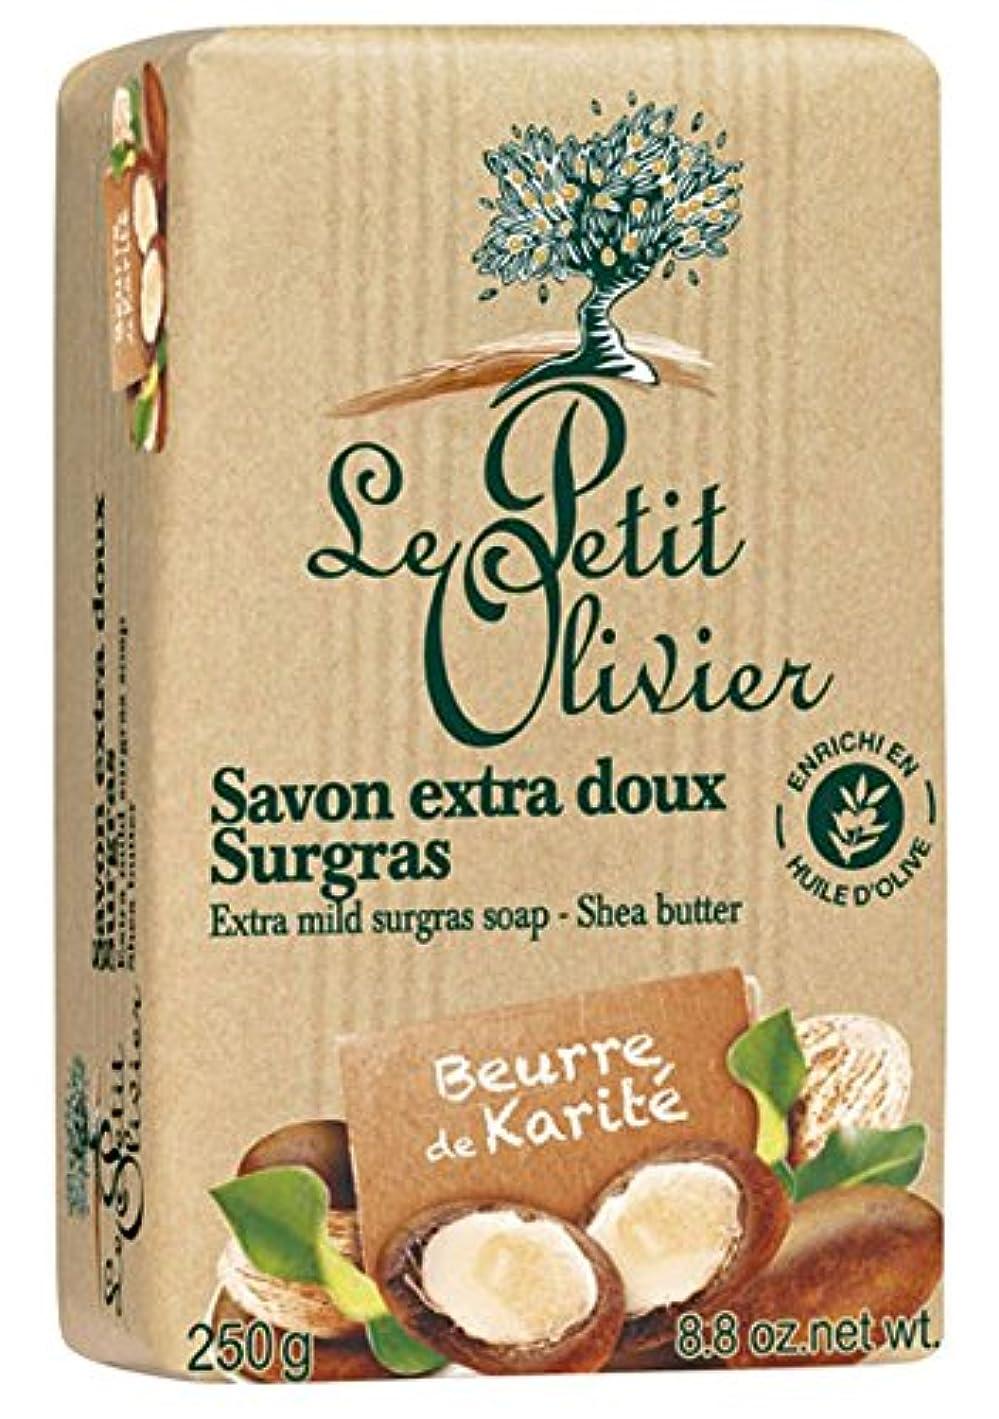 封筒学部長シンプルさル?プティ?オリヴィエ エクストラマイルドソープバー シアバター 250g LE PETIT OLIVIER EXTRA MILD SURGRAS SOAP SHEA BUTTER